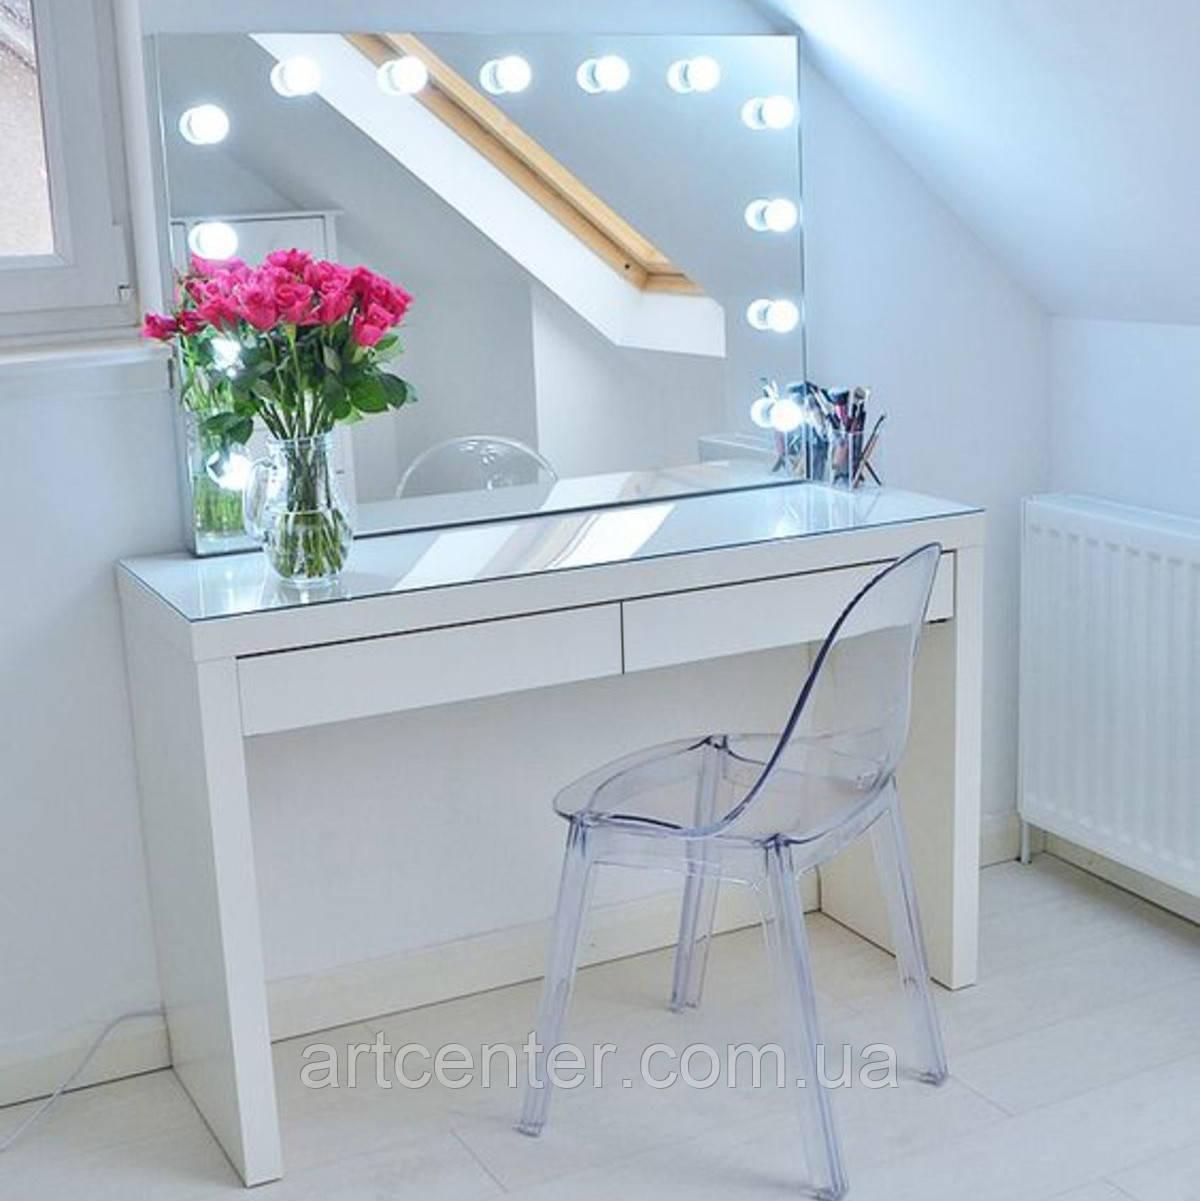 Стол для визажиста, лаконичный туалетный столик, гримерный столик